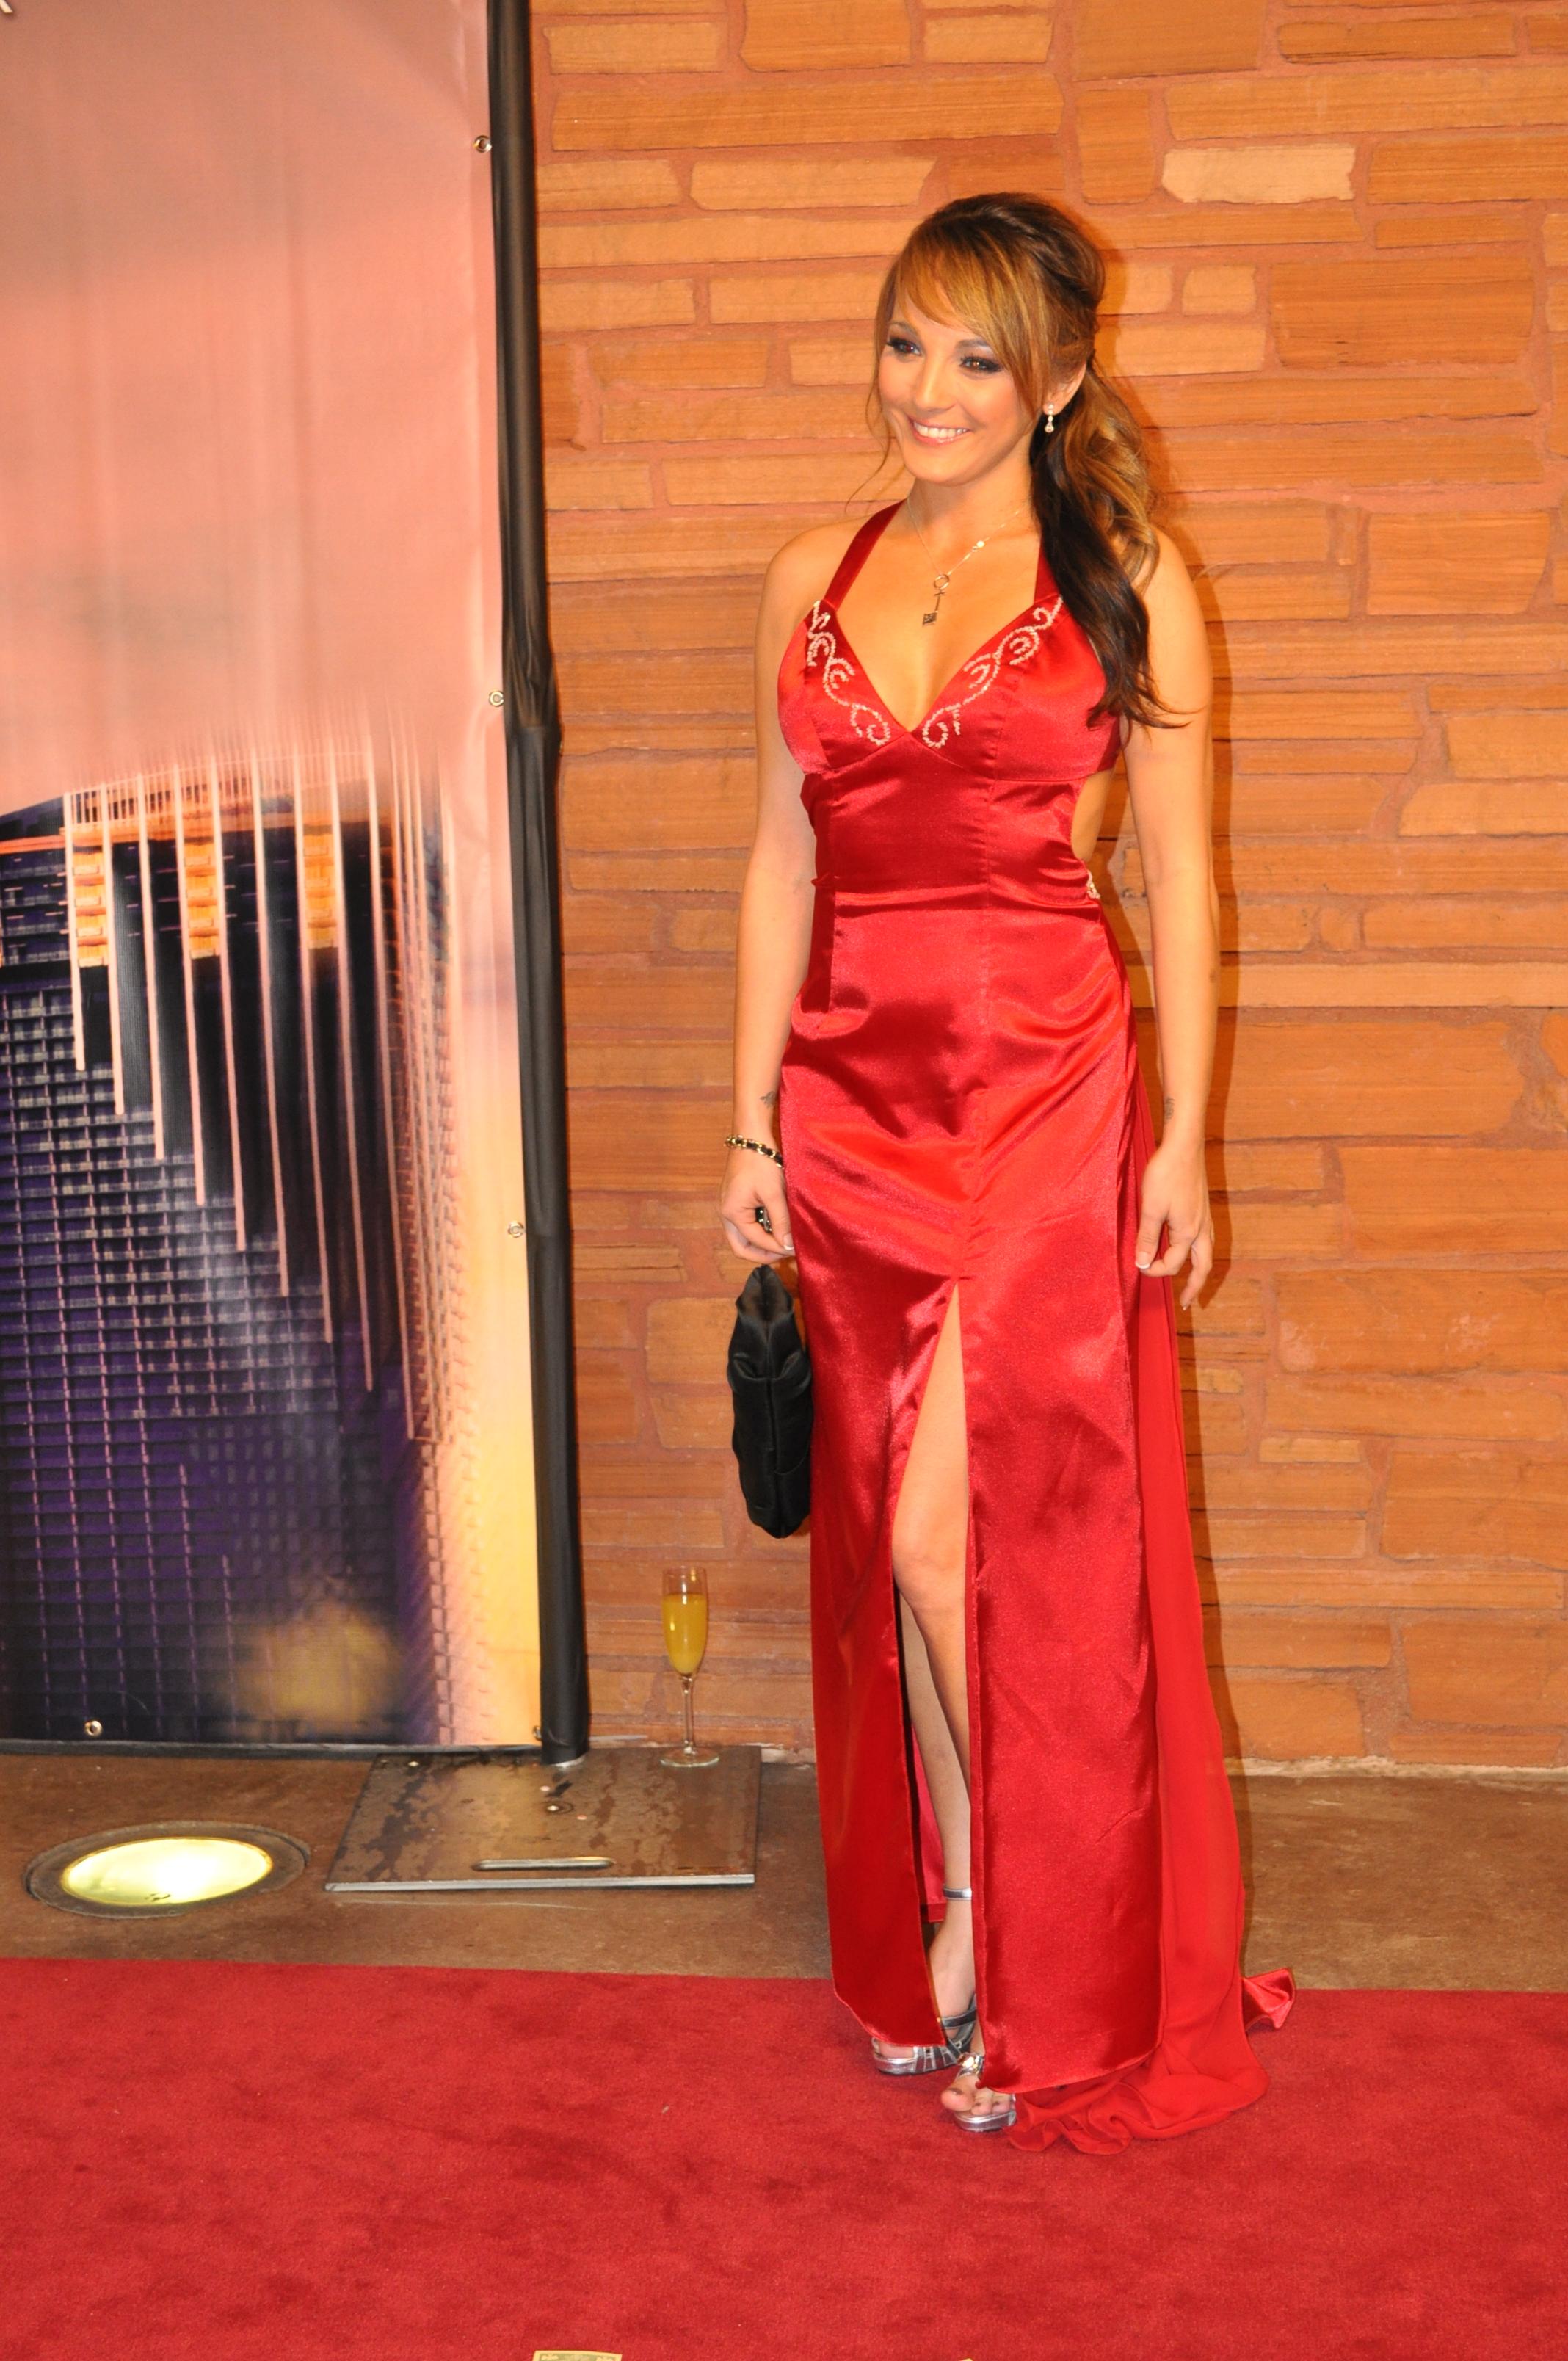 Filecharlie Laine At Avn Awards 2011 1 Jpg